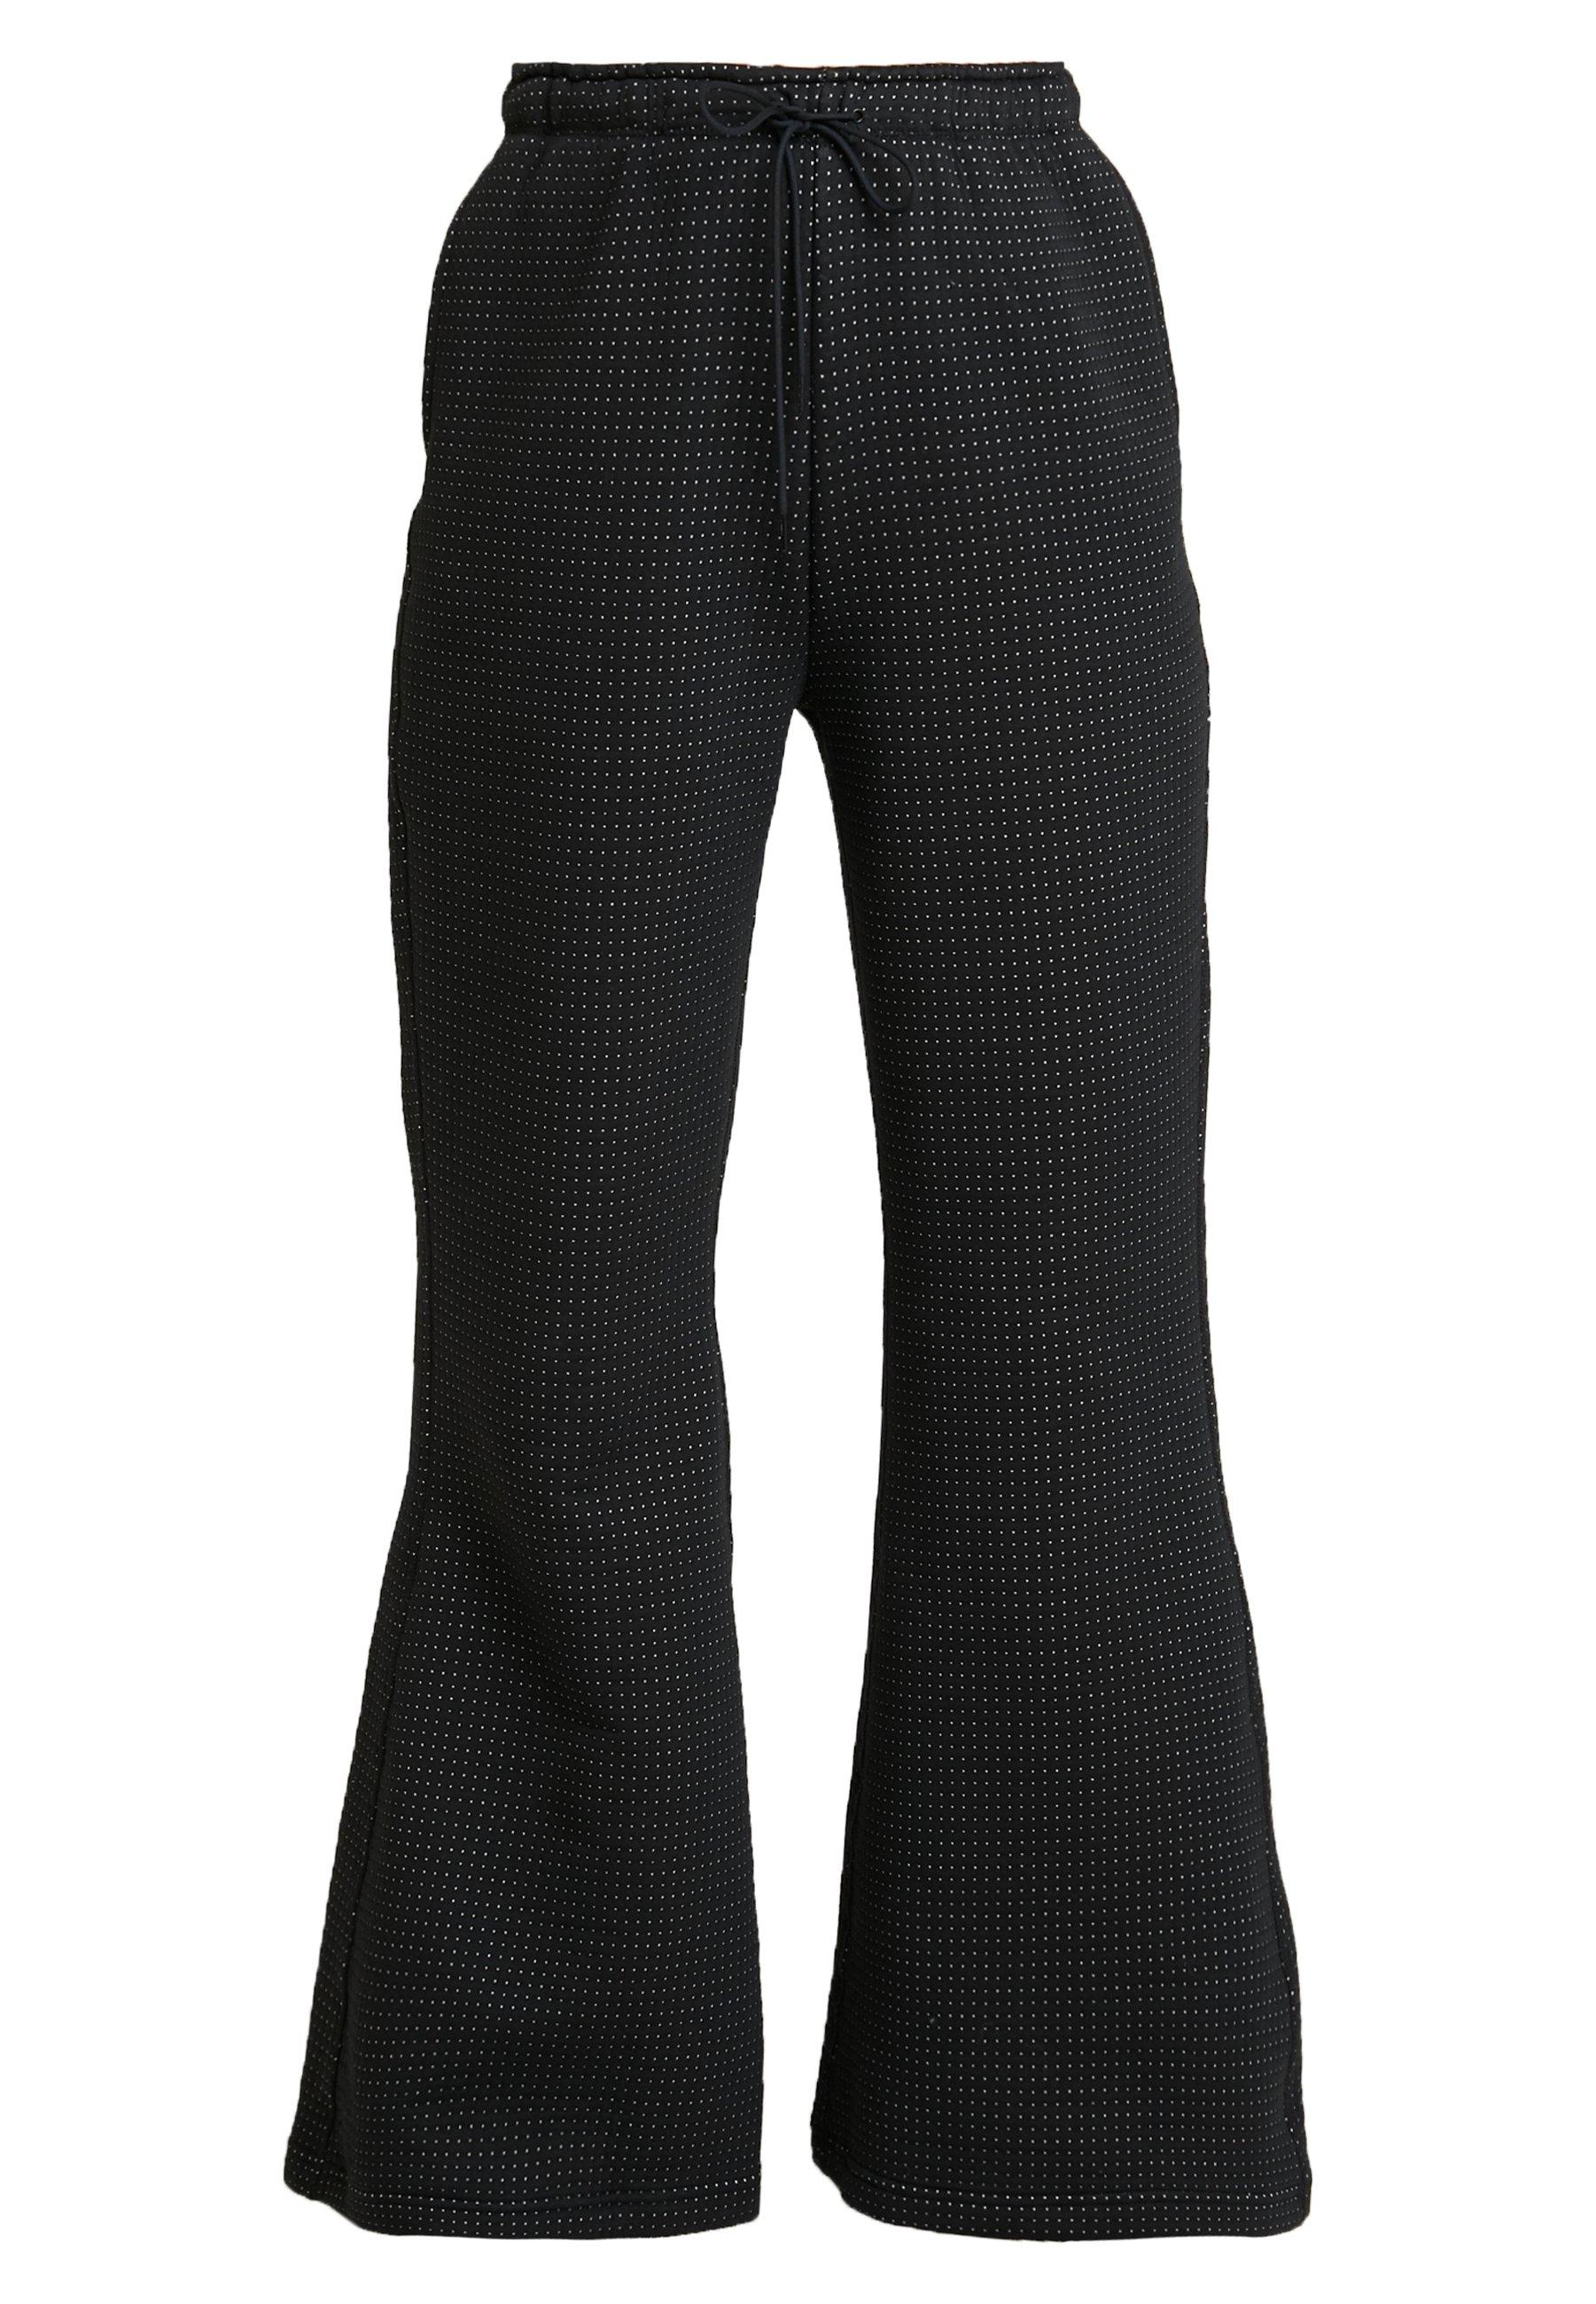 Nike Sportswear PANT - Pantaloni sportivi - black/white JGTi7Fxe